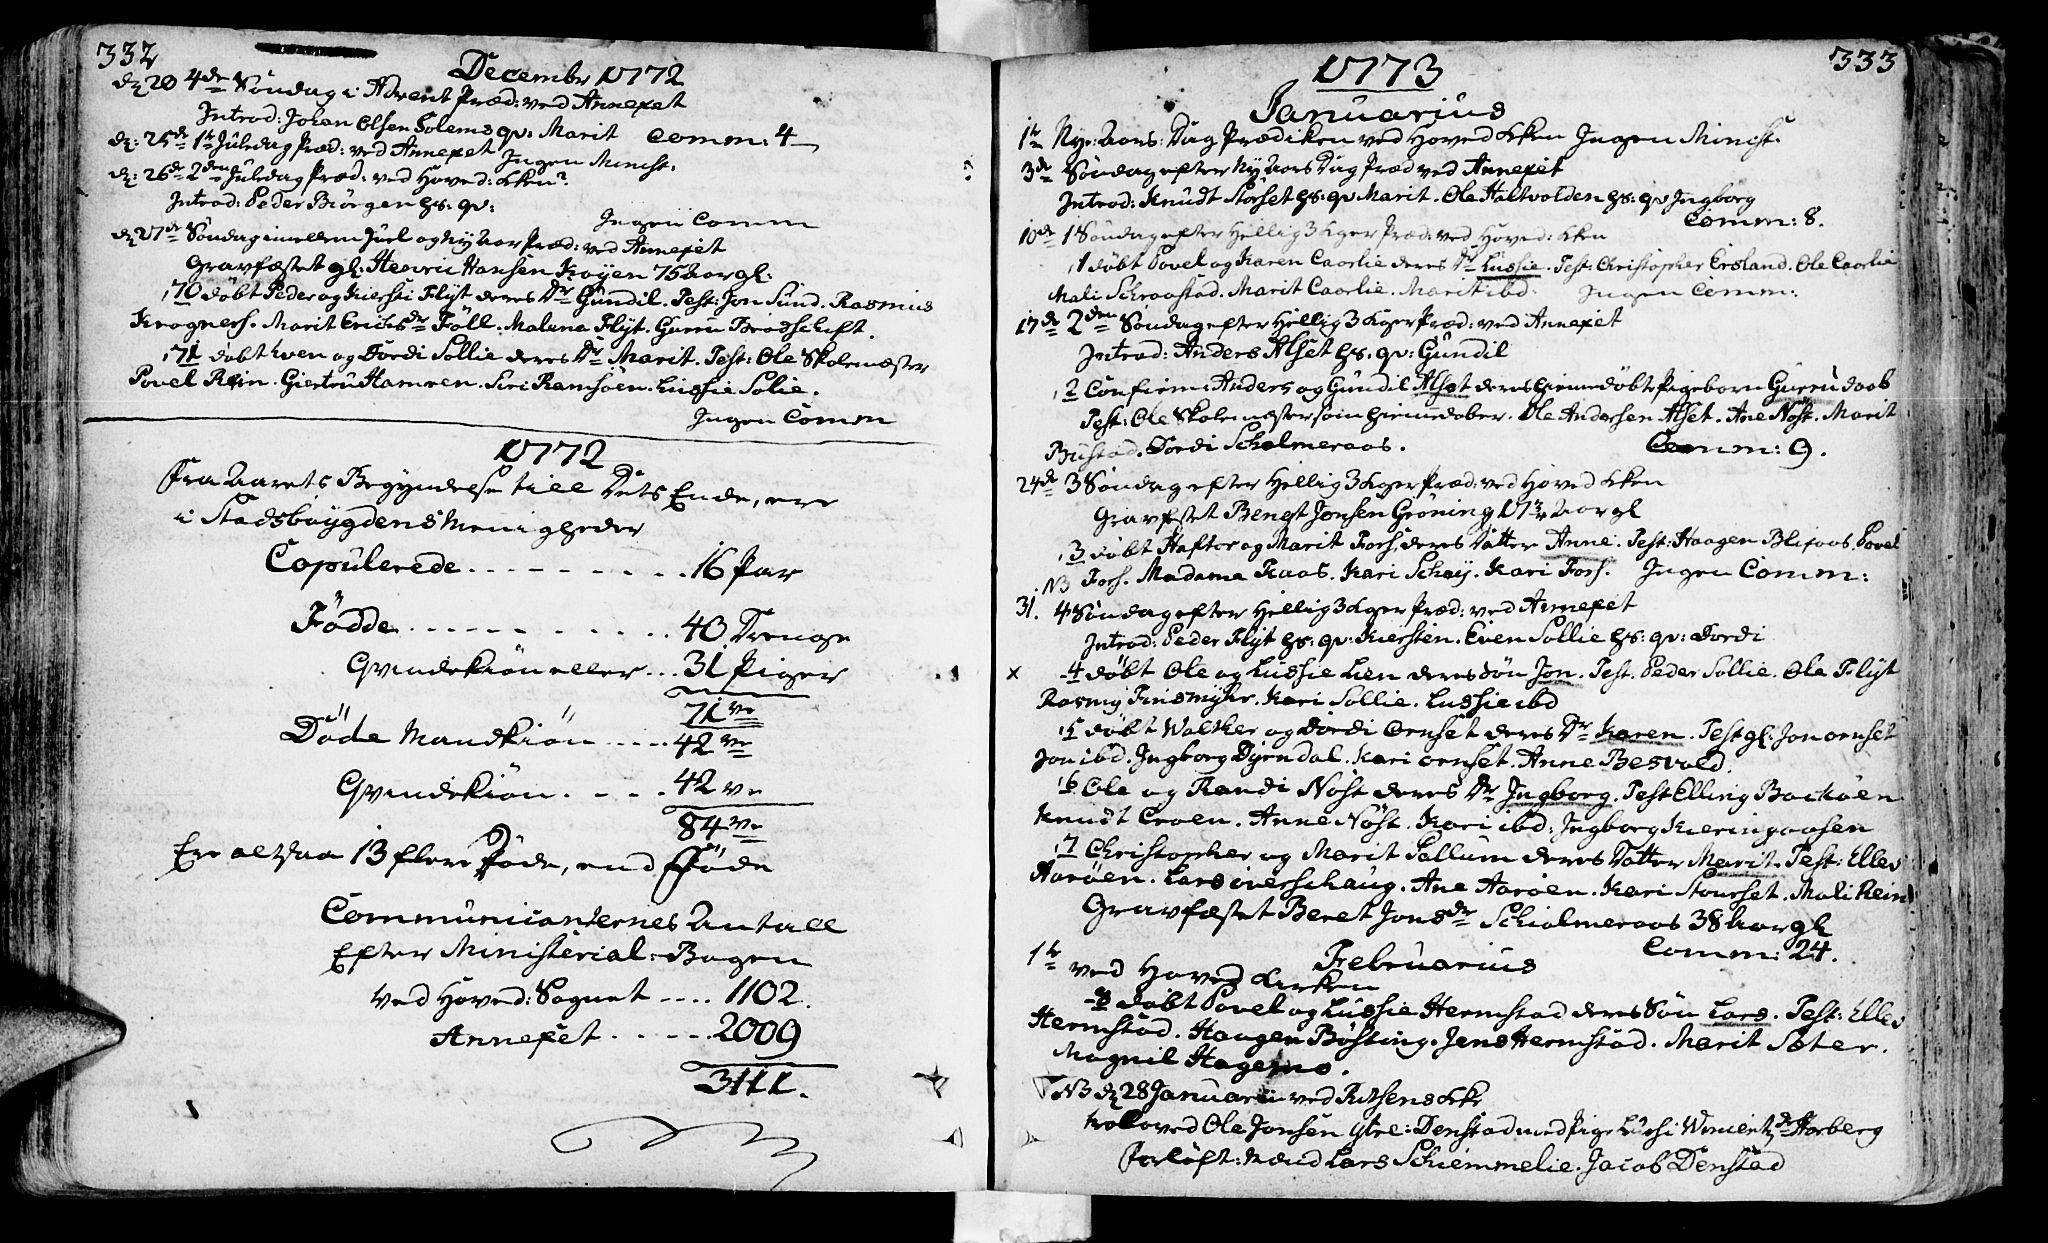 SAT, Ministerialprotokoller, klokkerbøker og fødselsregistre - Sør-Trøndelag, 646/L0605: Ministerialbok nr. 646A03, 1751-1790, s. 332-333